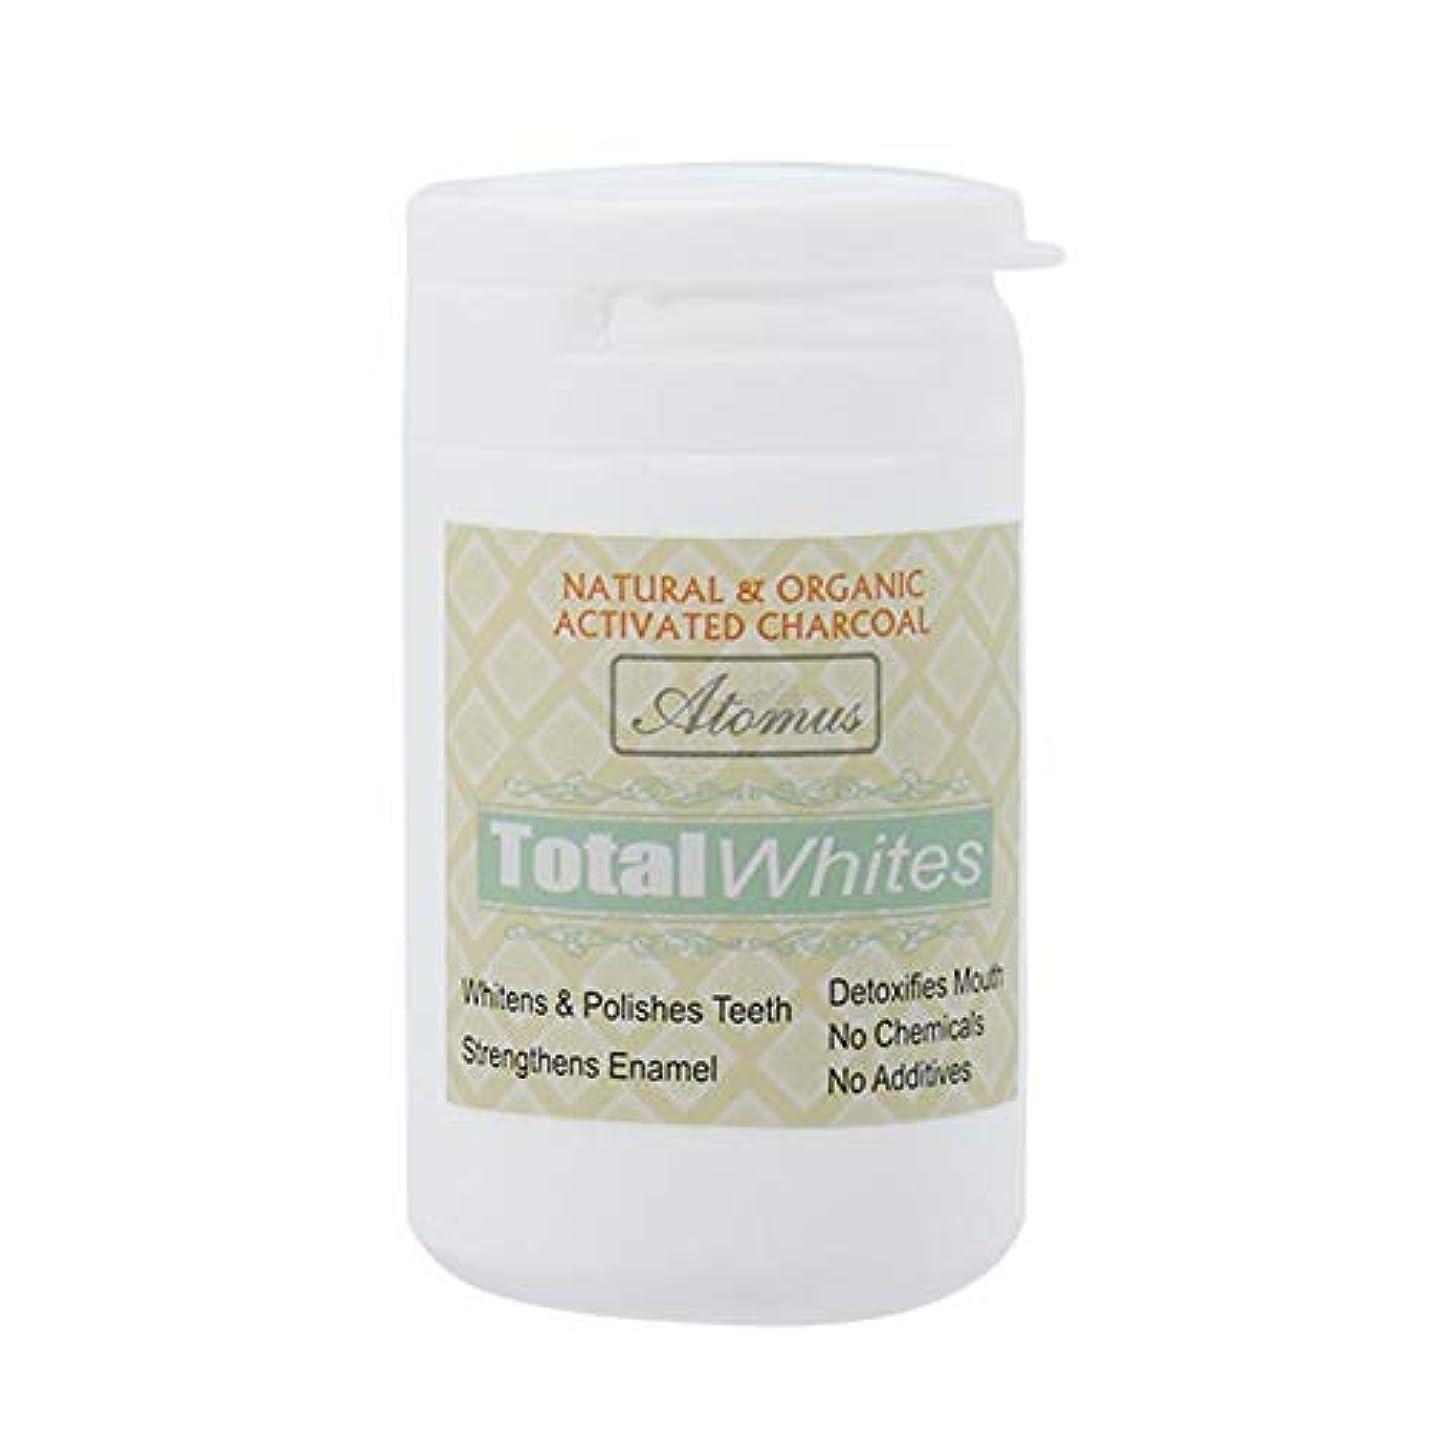 引数再編成するシャッフル歯のホワイトニングパウダー、活性炭の歯のホワイトナーパウダー - 有機安全で効果的なホワイトナーの解決策 - ホワイトニングの歯とフレッシュな息